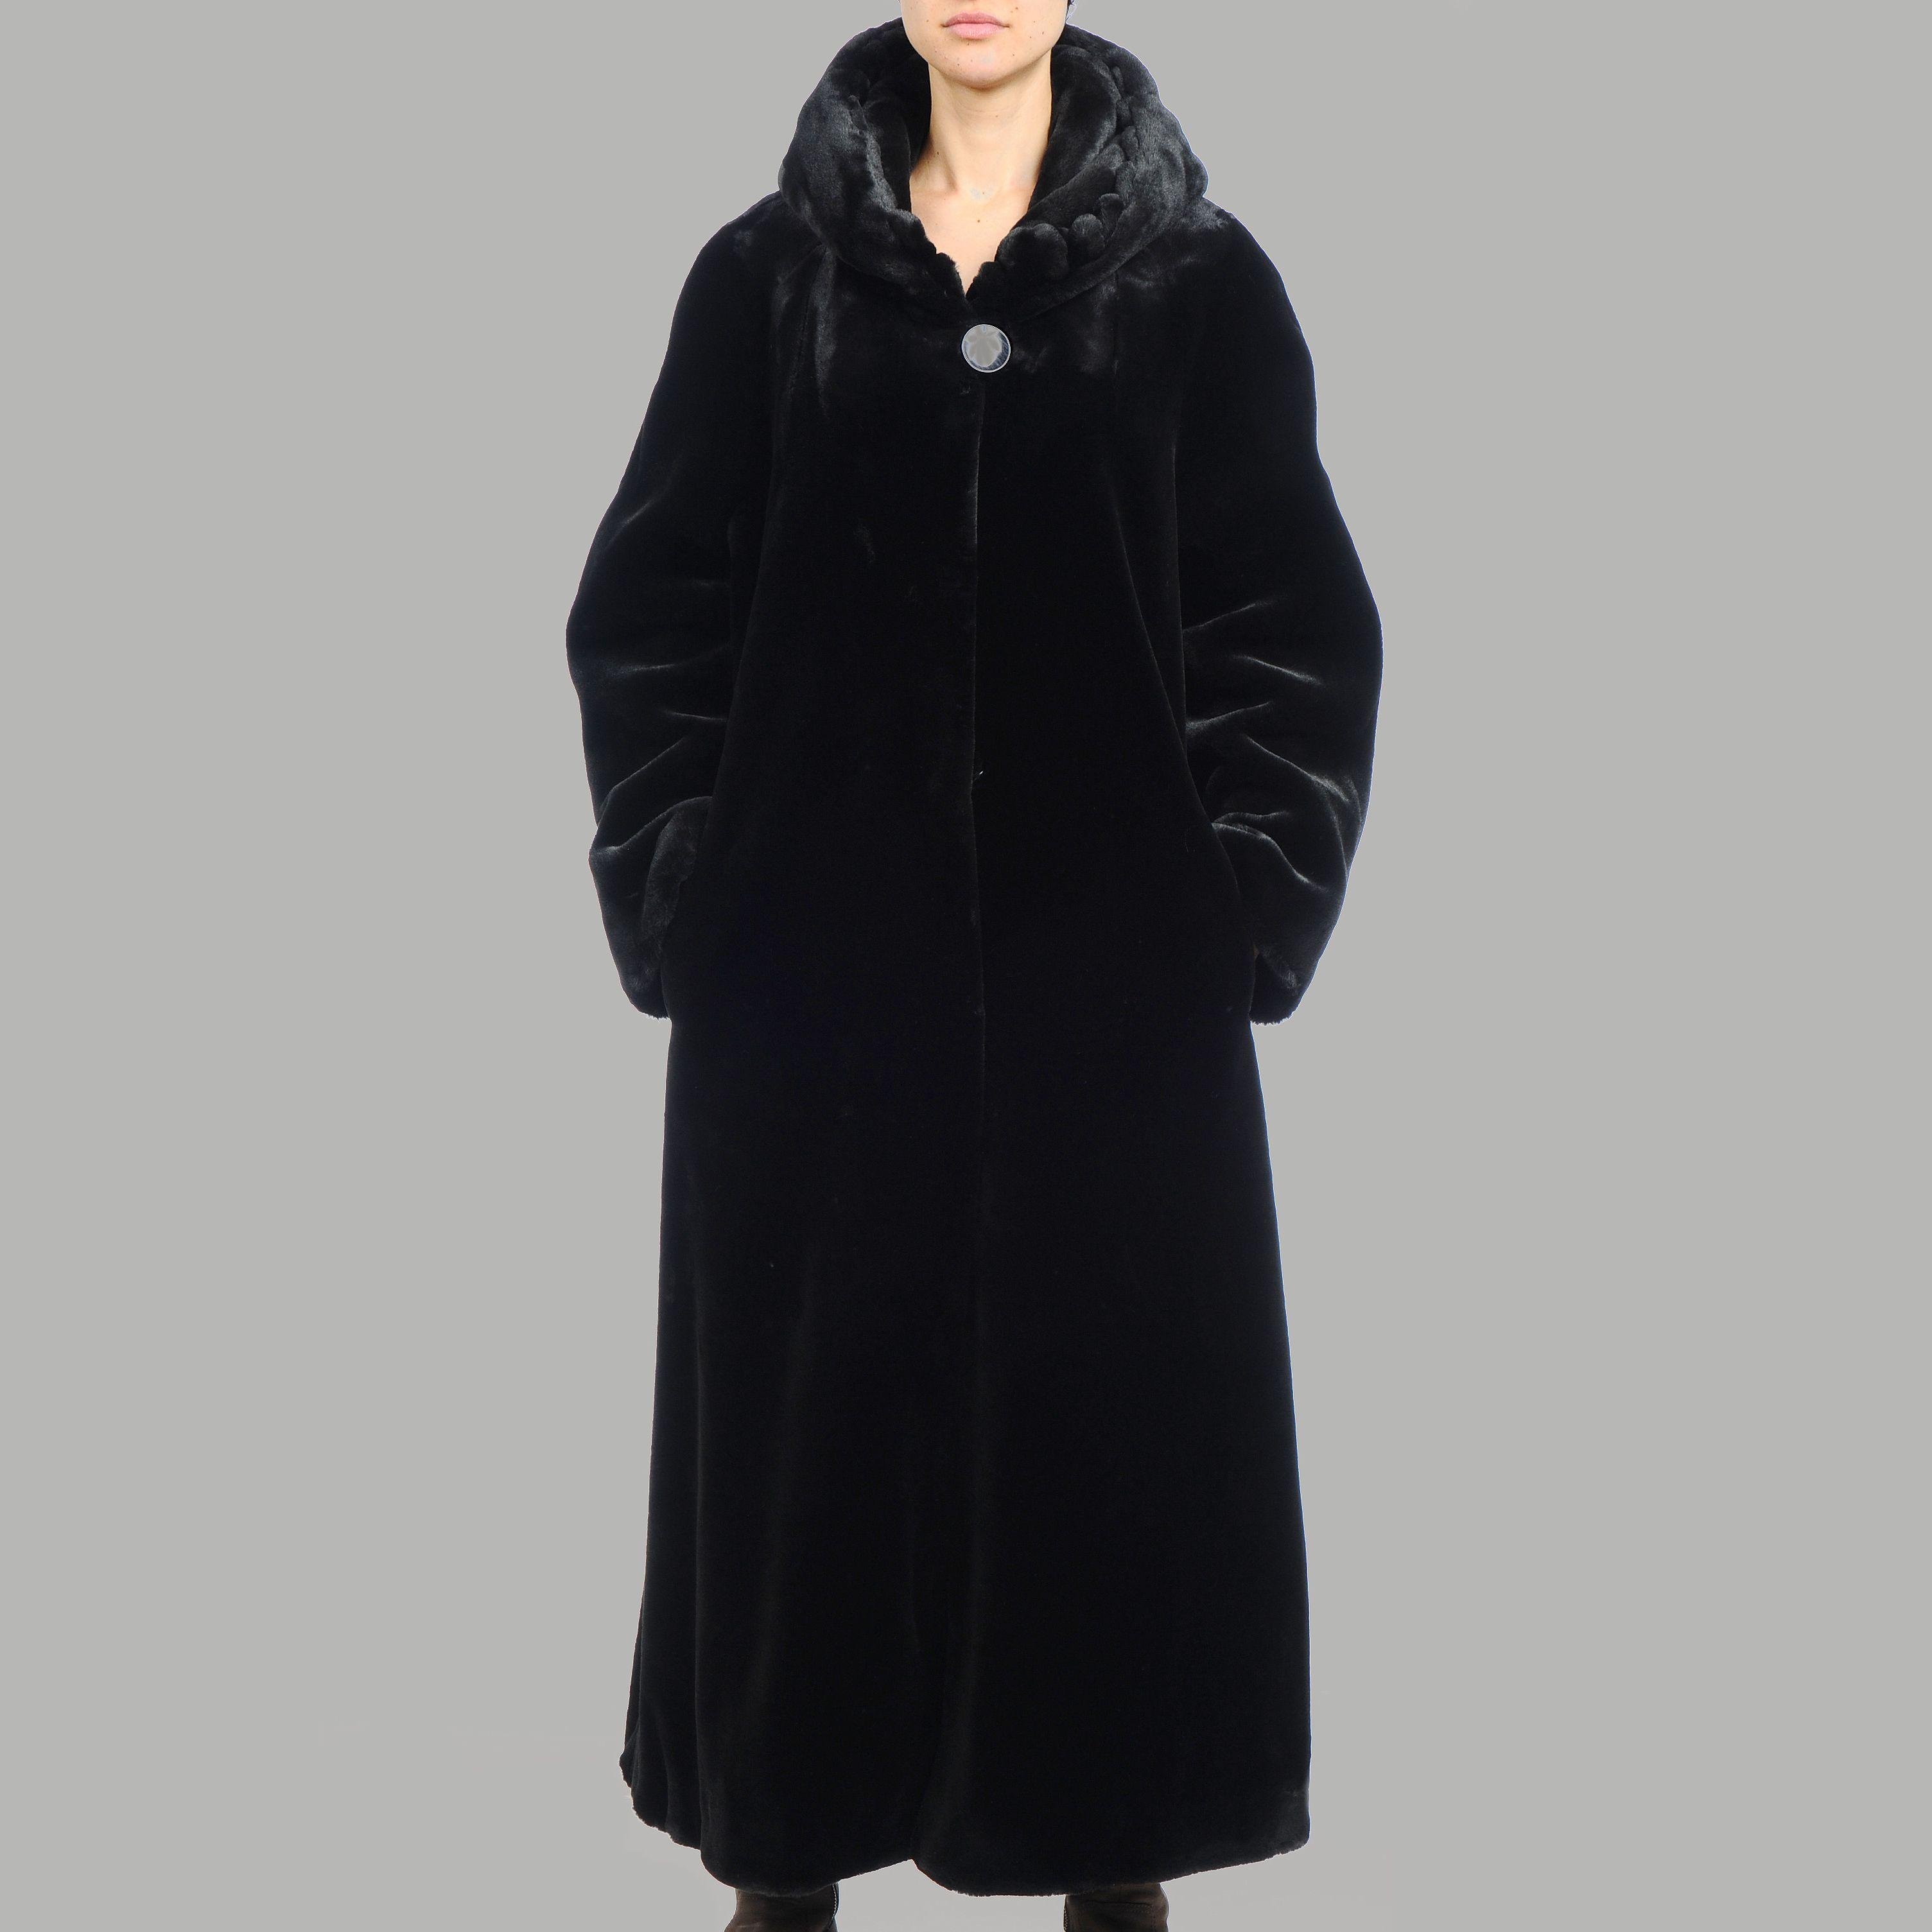 Nuage Women's Beaver Faux Fur Coat